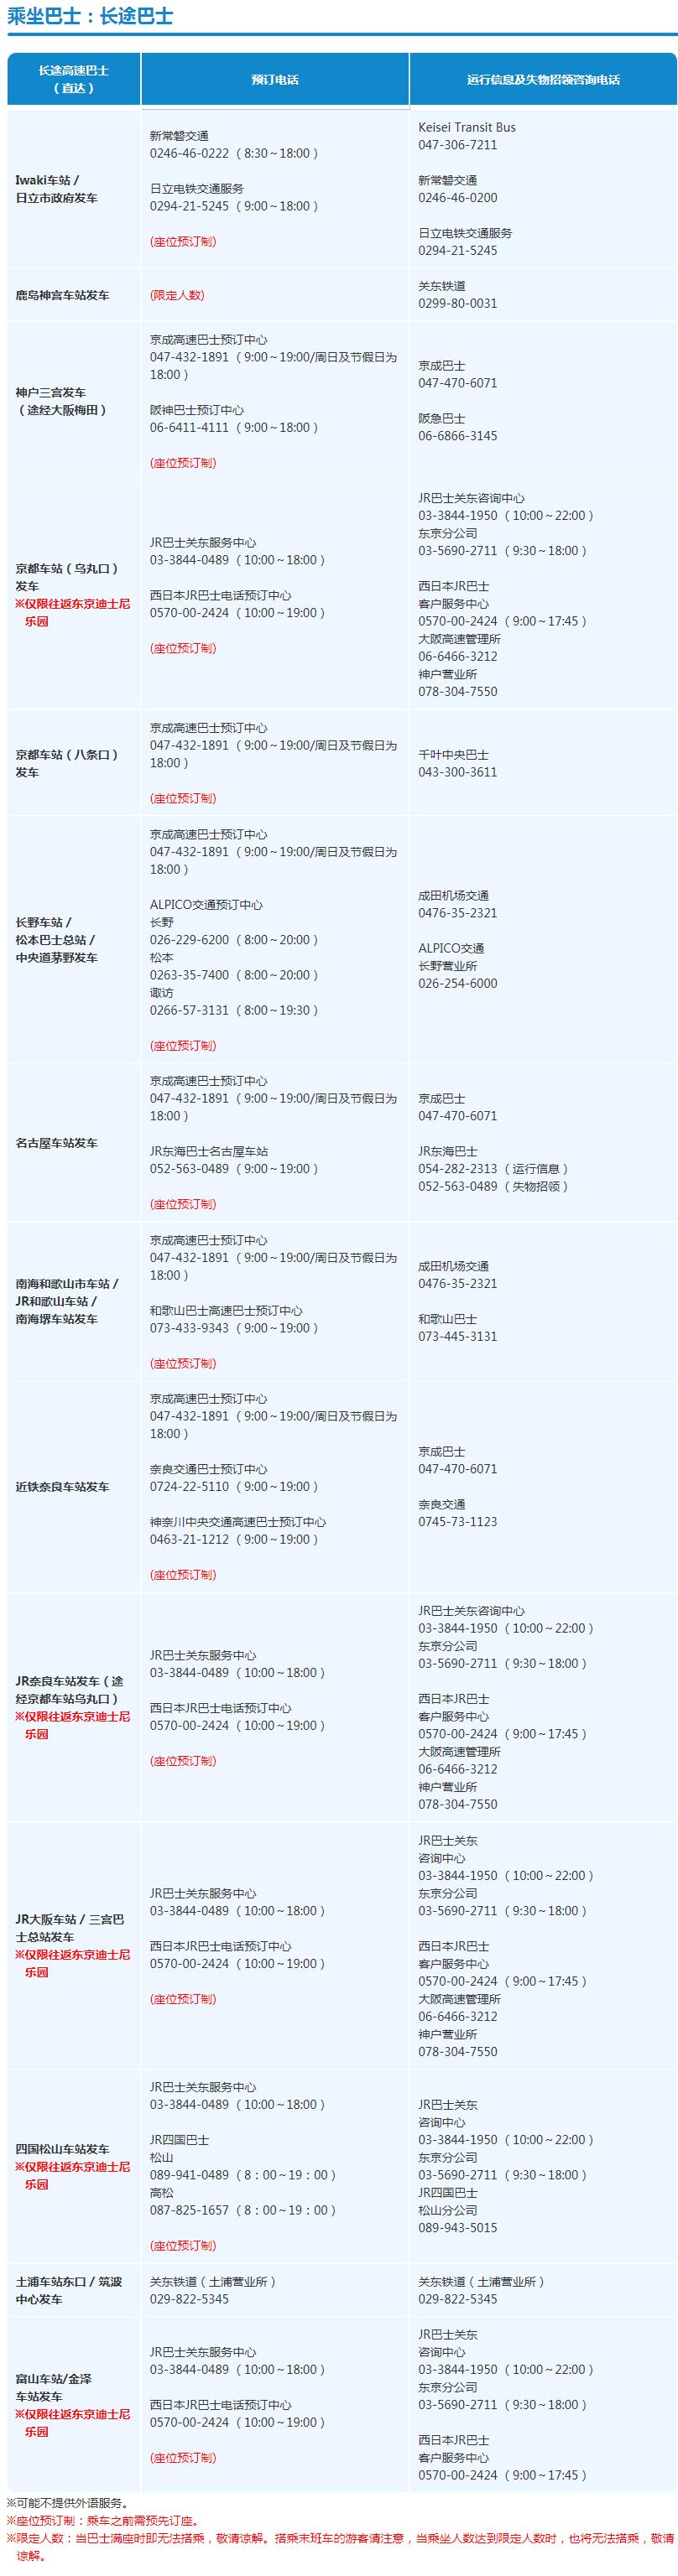 jr 東海 中央 線 時刻 表